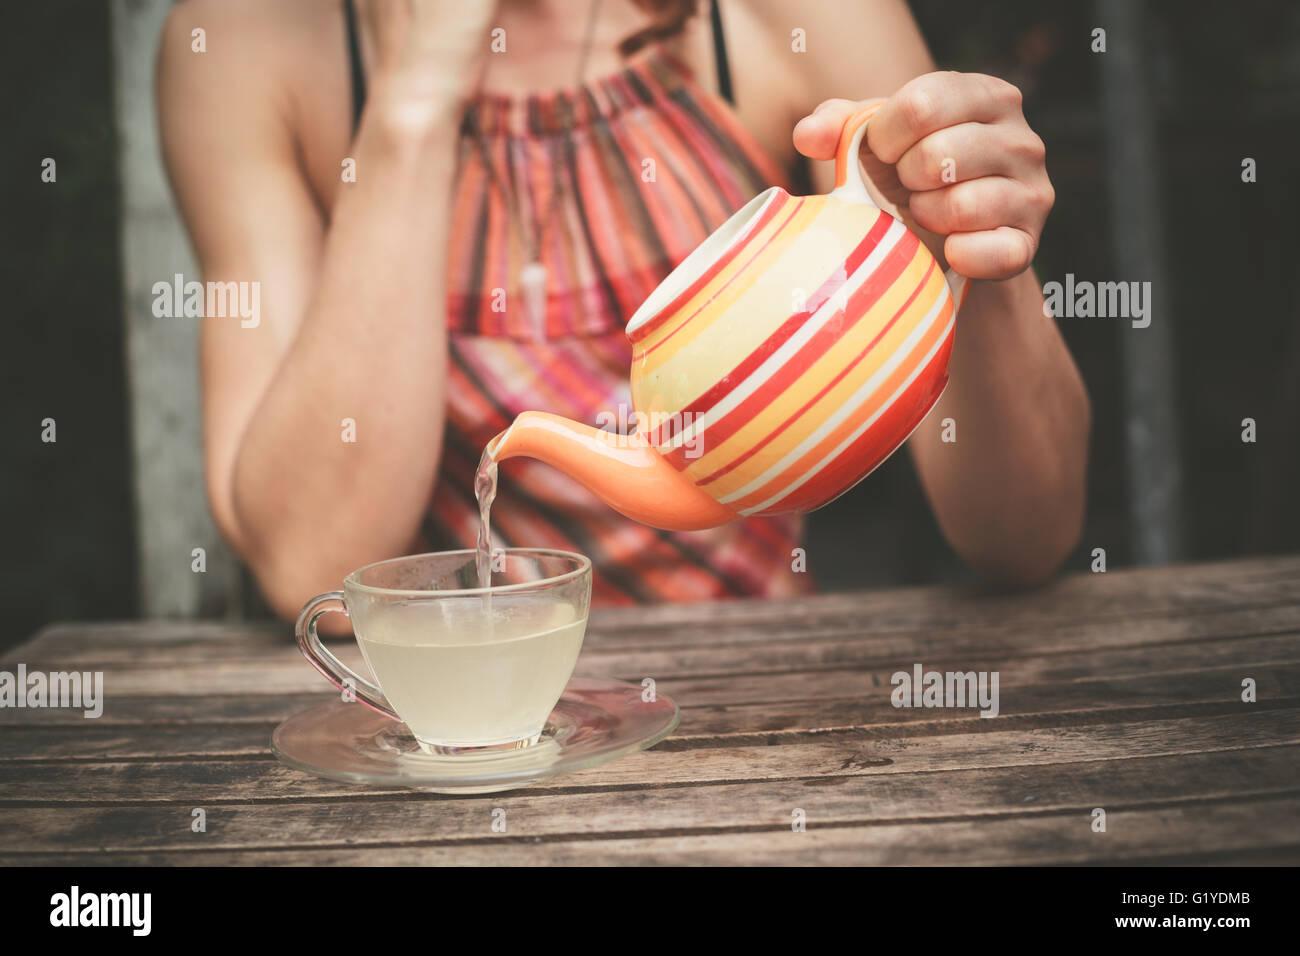 Eine junge Frau sitzt an einem Tisch und gießt sich eine Tasse Tee Stockbild